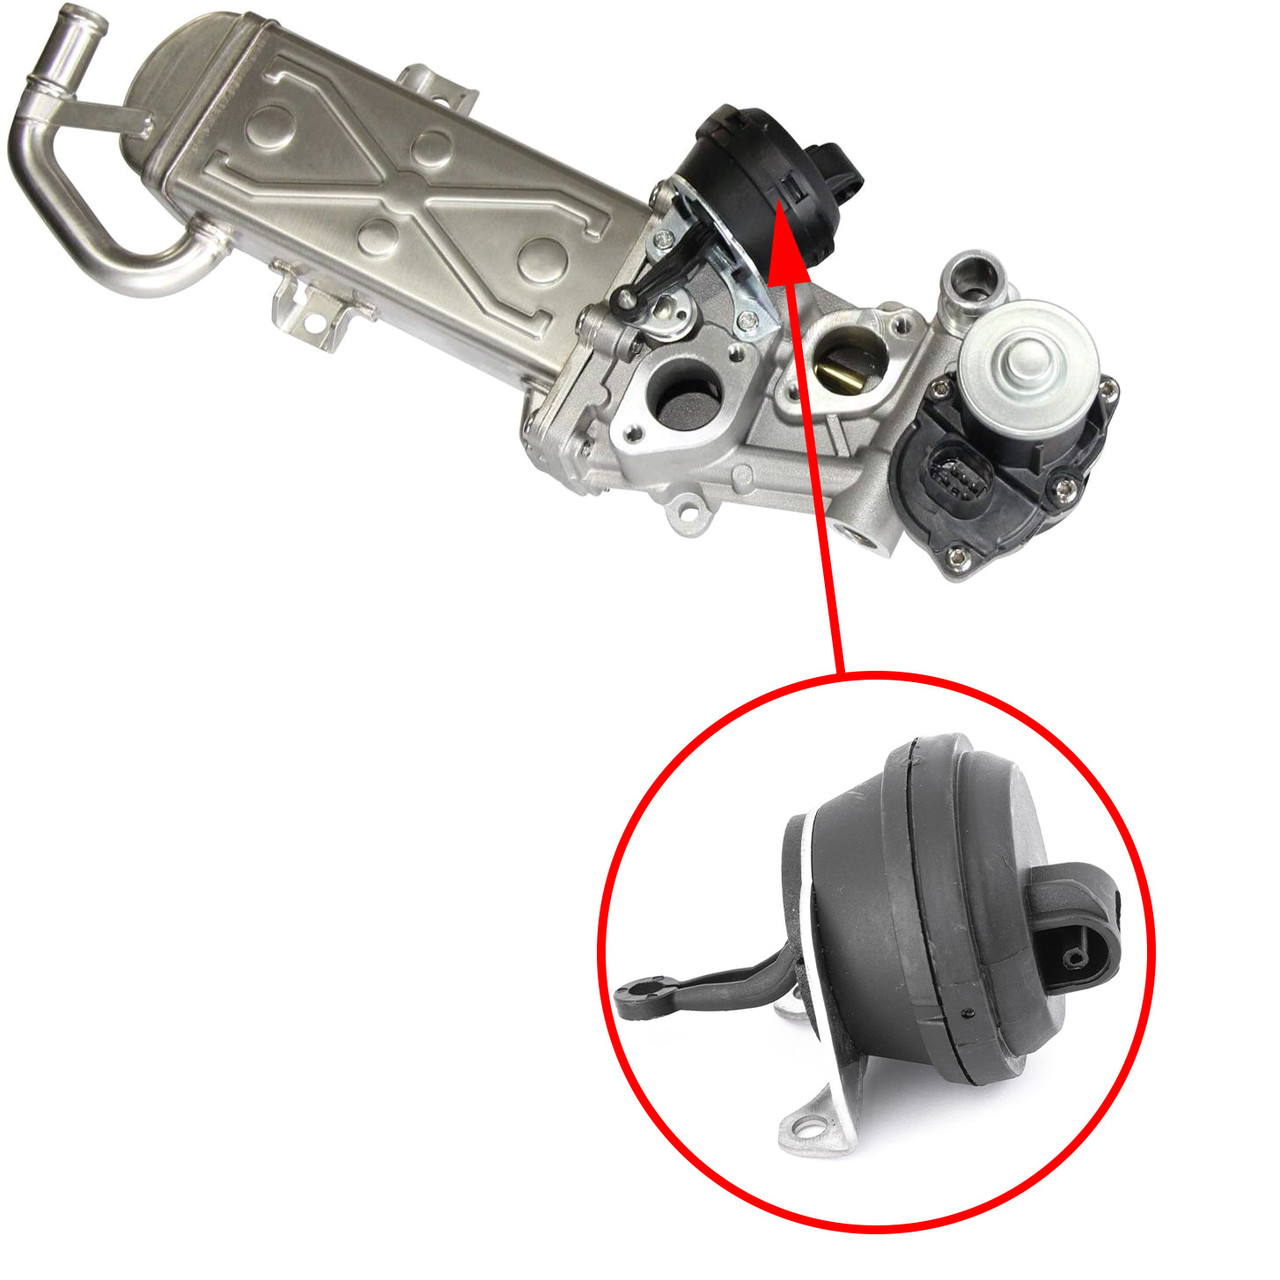 Вакуумный актуатор радиатора системы EGR Volvo 2.4TDI, 2.0TDI 31439464  36010129